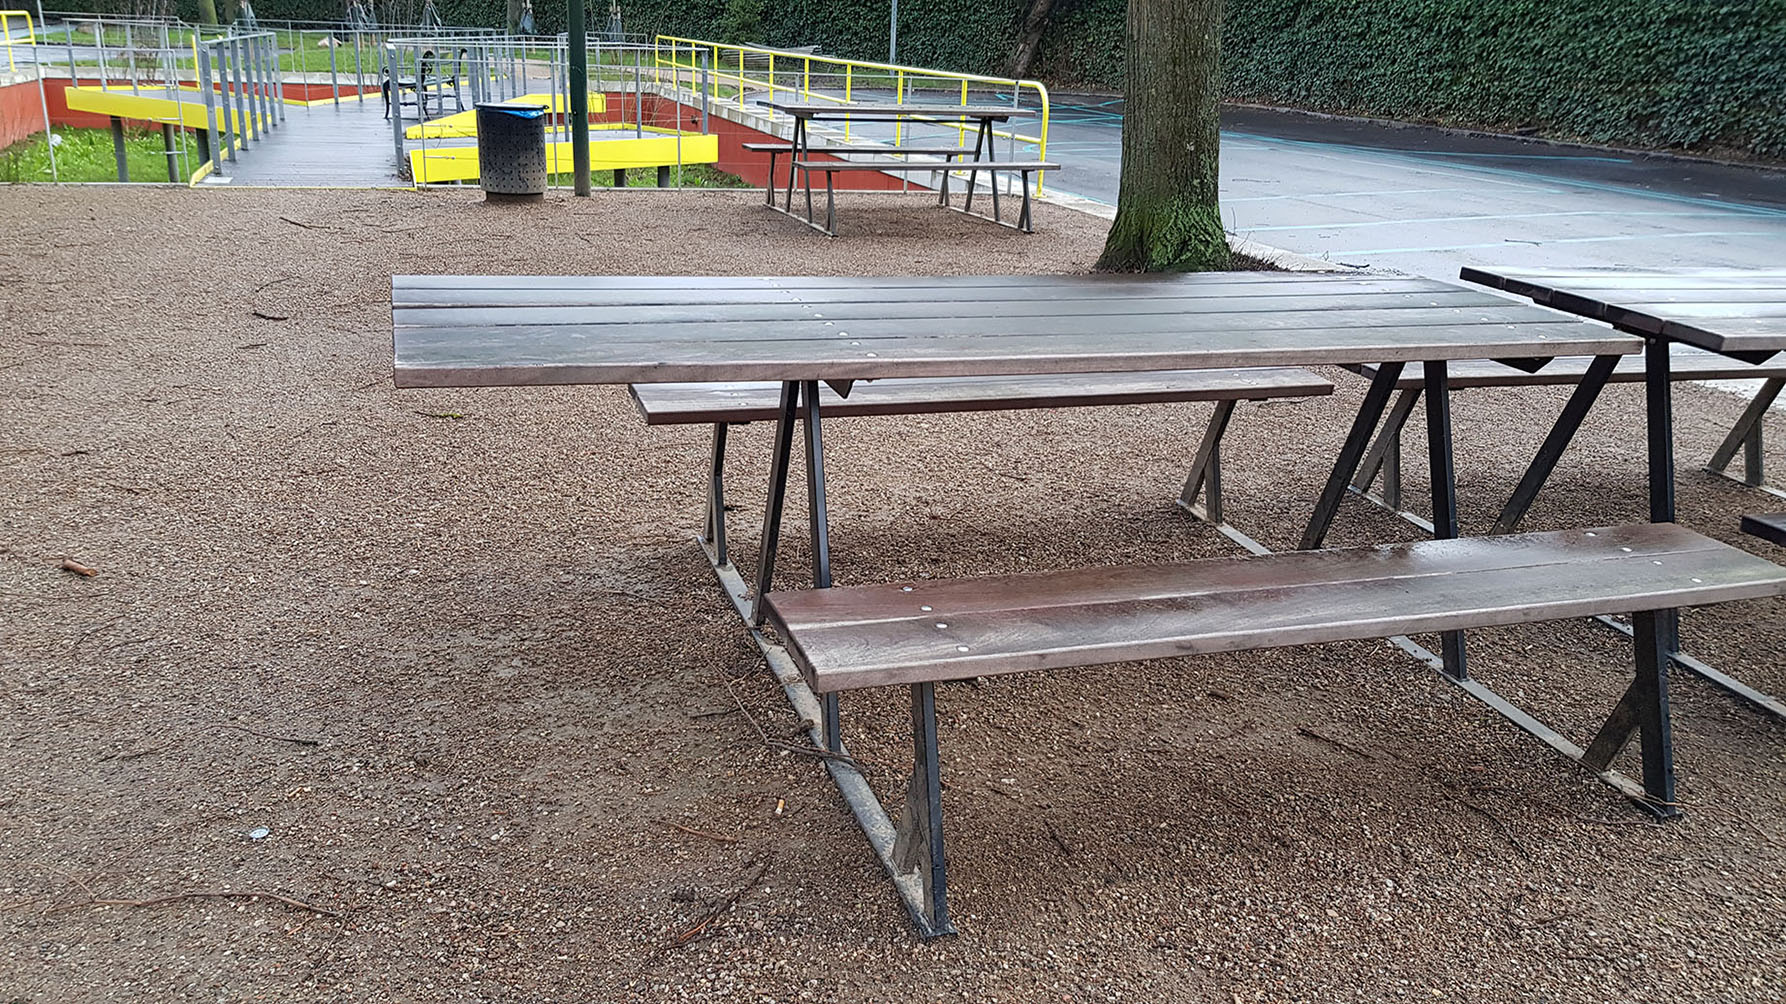 Bænk med udkraget bordplade for enden til dem, som bruger kørestol.